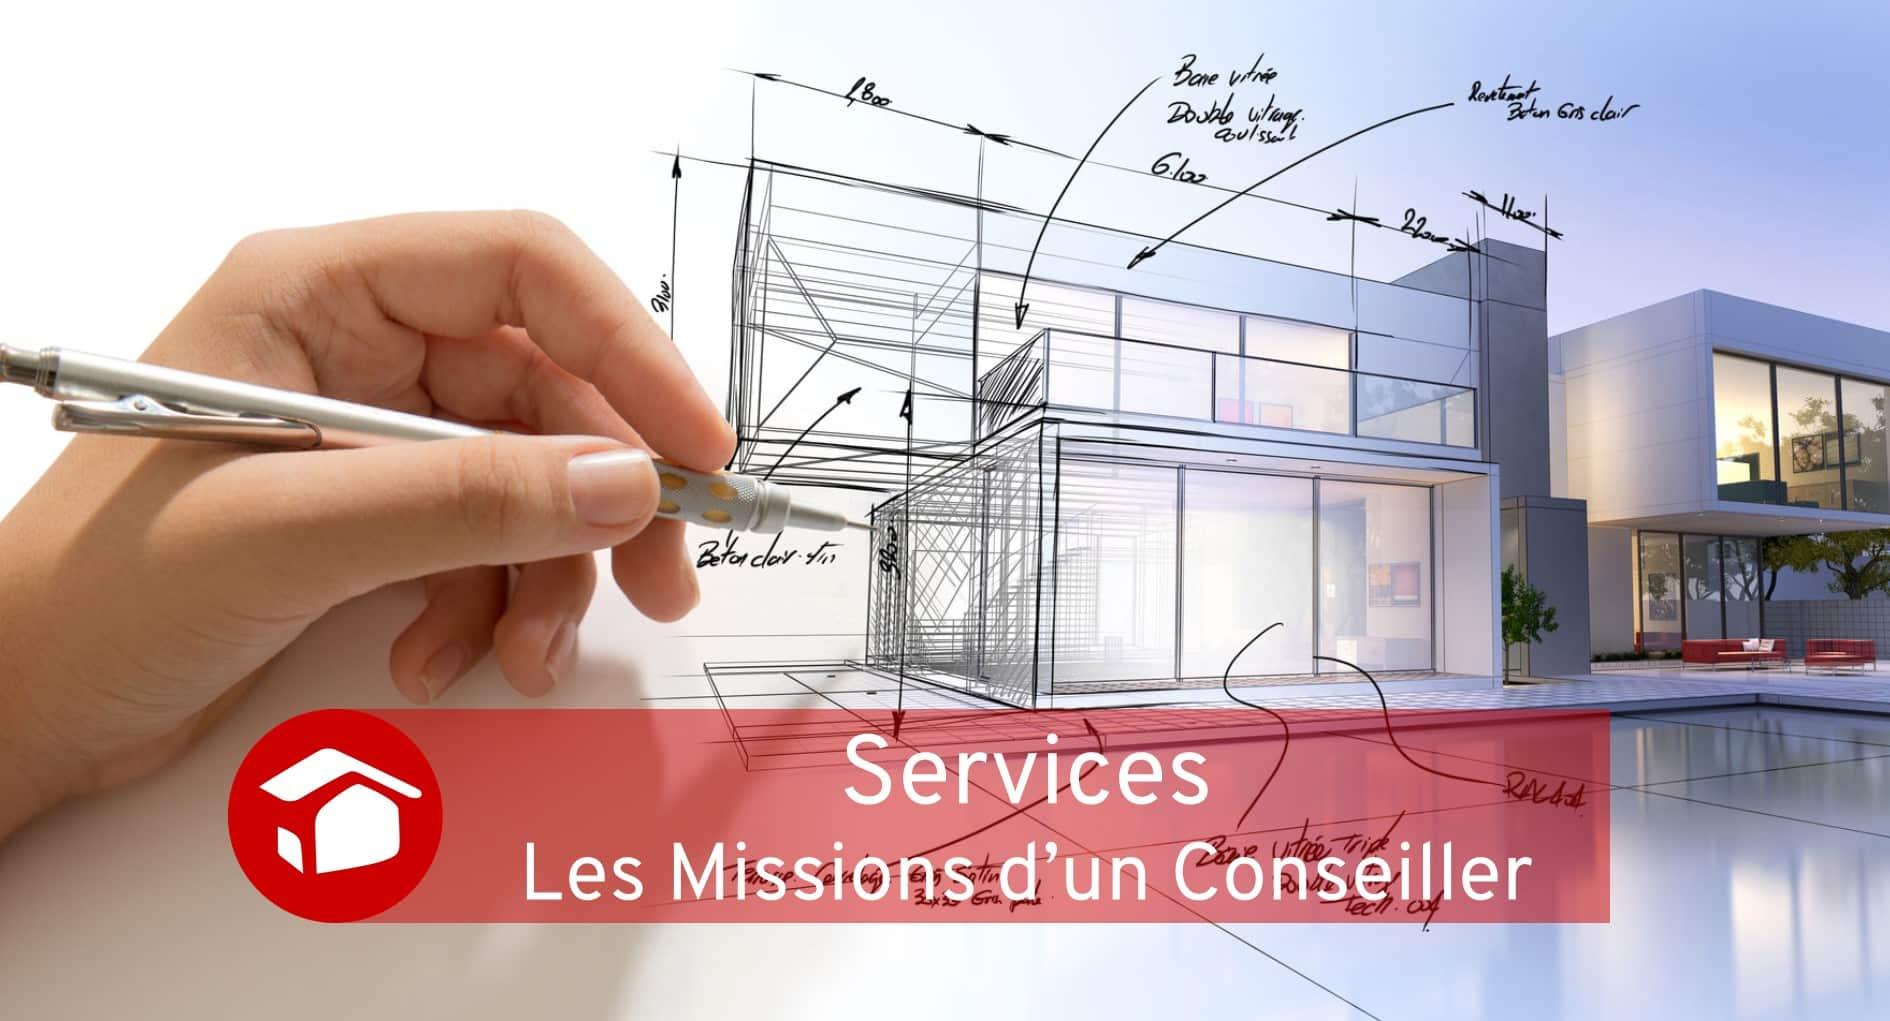 Services Missions d'un Conseiller Travaux Meilleur Projet